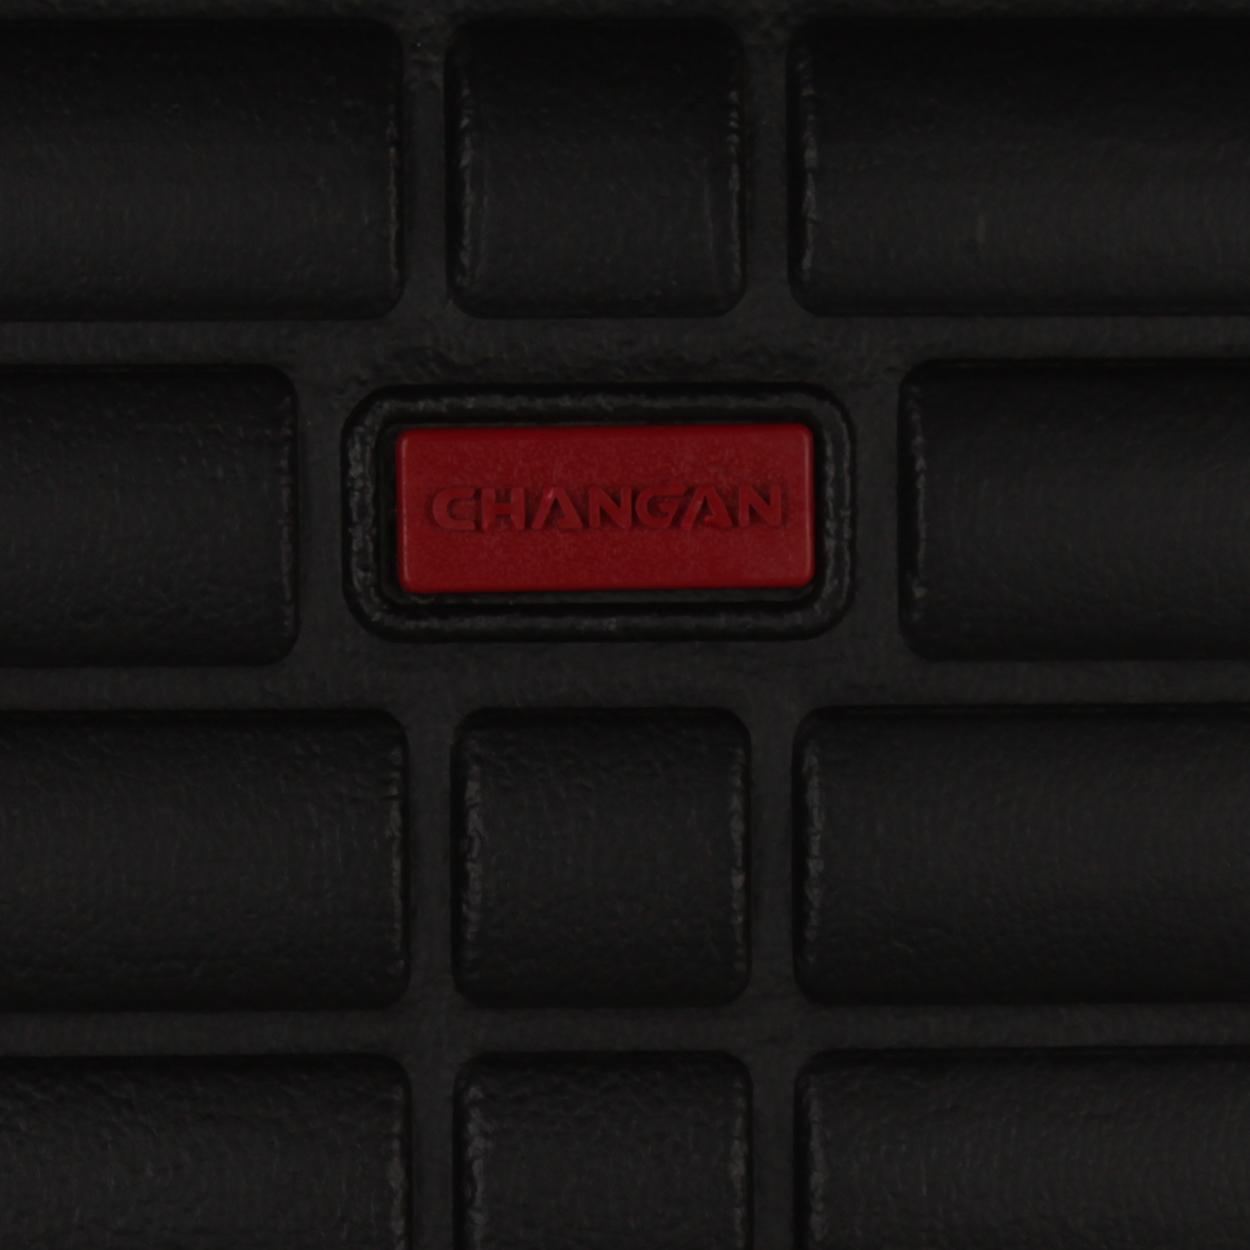 کف پوش سه بعدی صندوق خودرو بابل مدل ch2026مناسب برای چانگان CS35